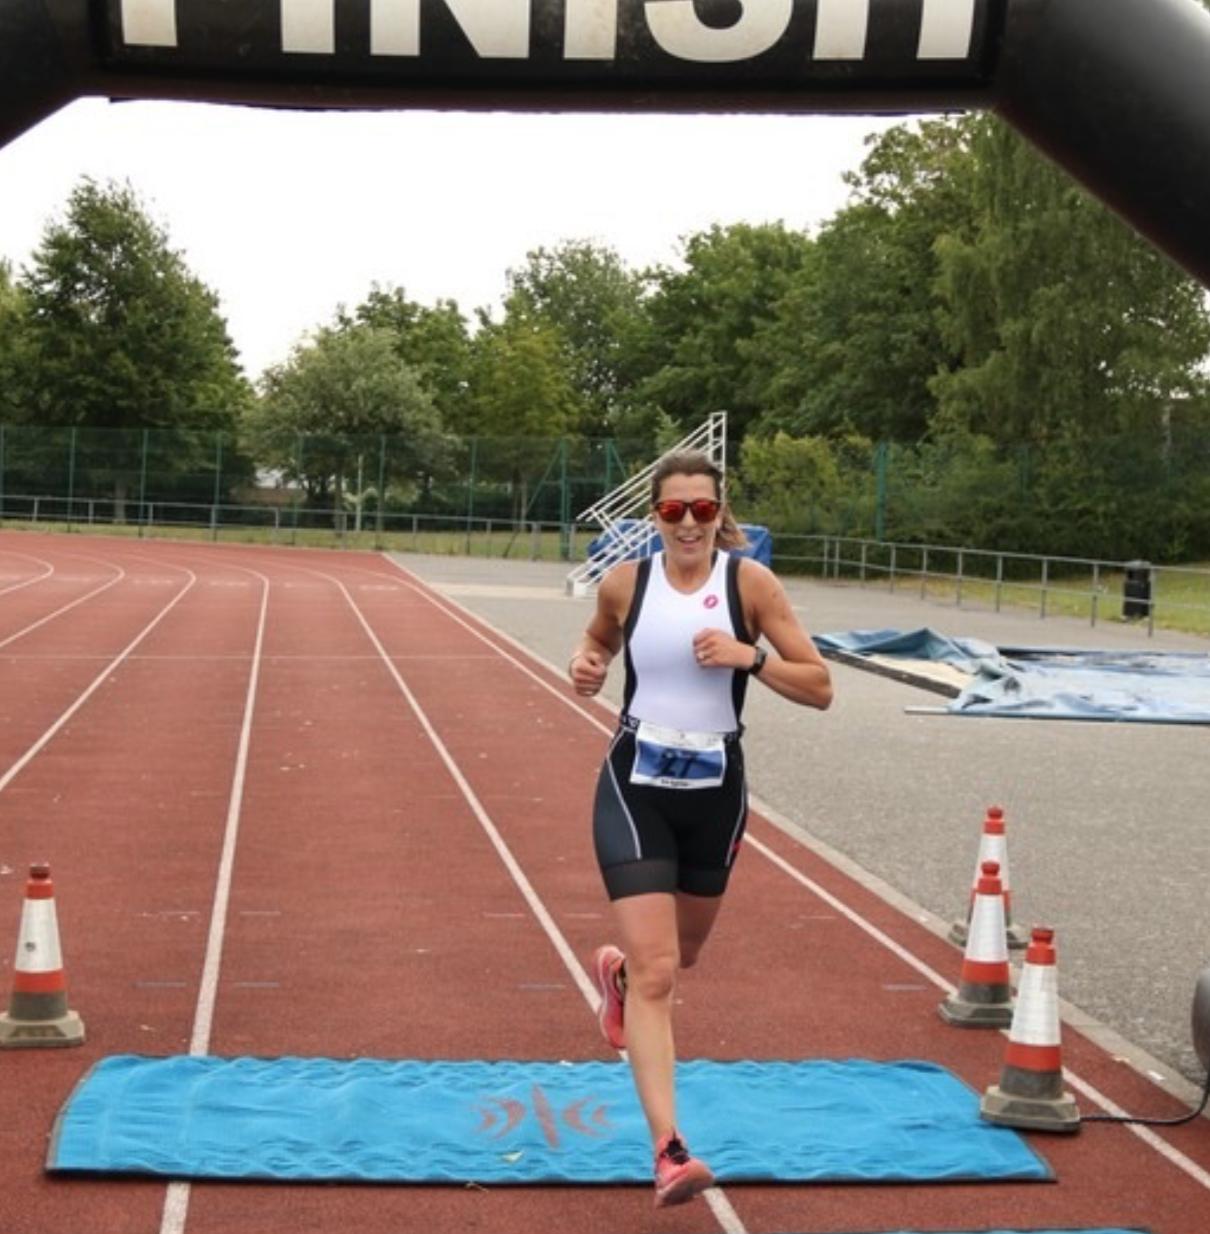 Rosie Turner (Jockey + Triathlete)